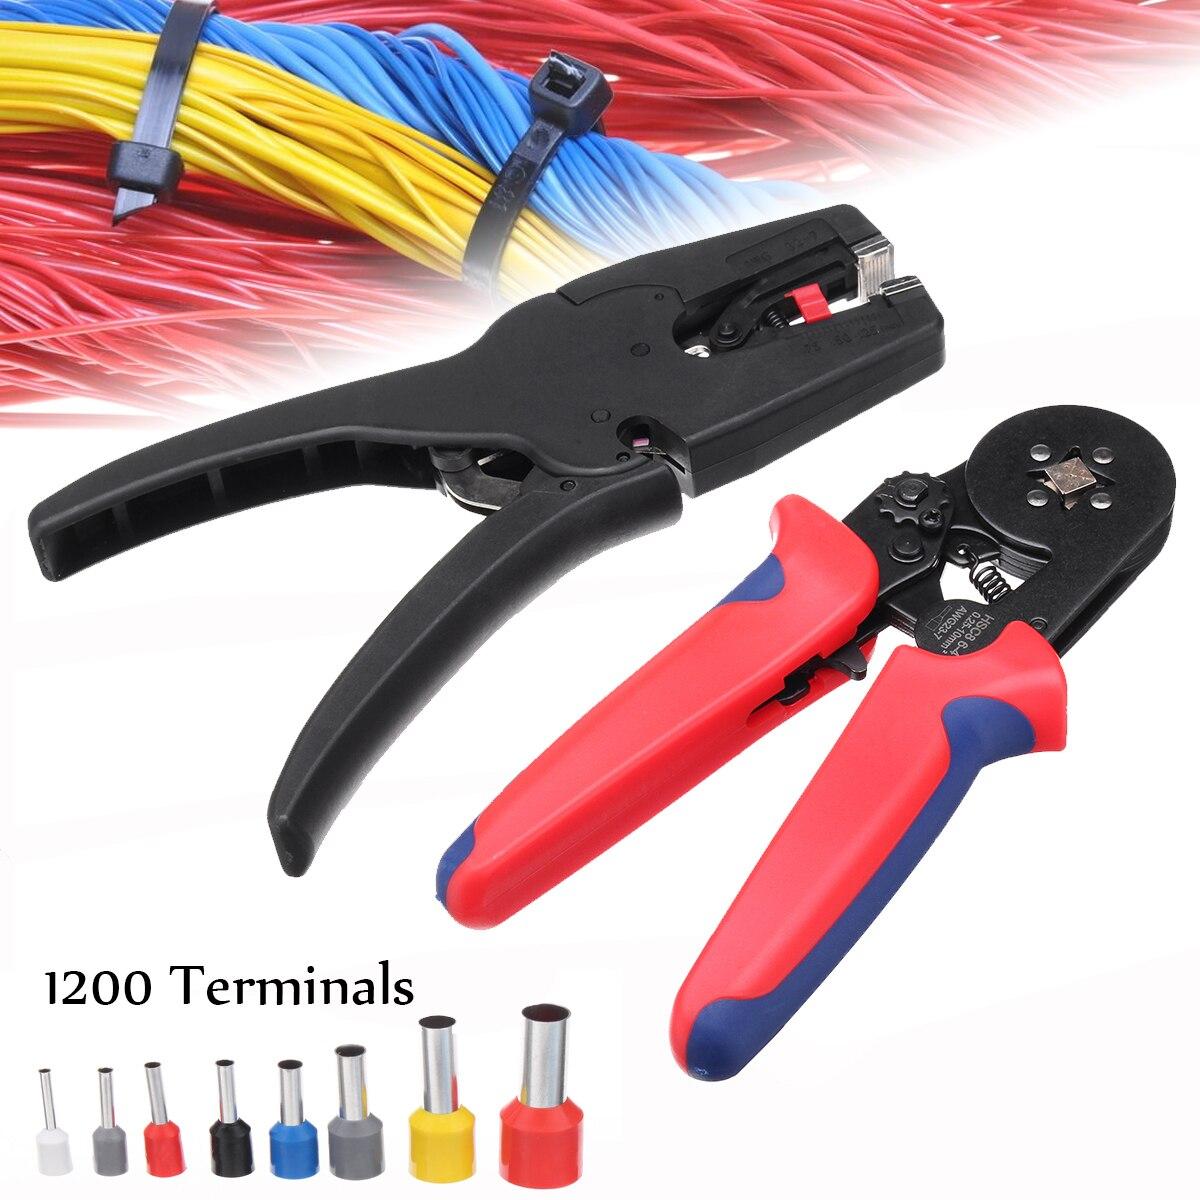 75ec26862c0c5c Noir 1200 pcs Terminal Kit Crimpong Outil Électrique Coupe-Fil Pinces  Décapant Câble De Coupe